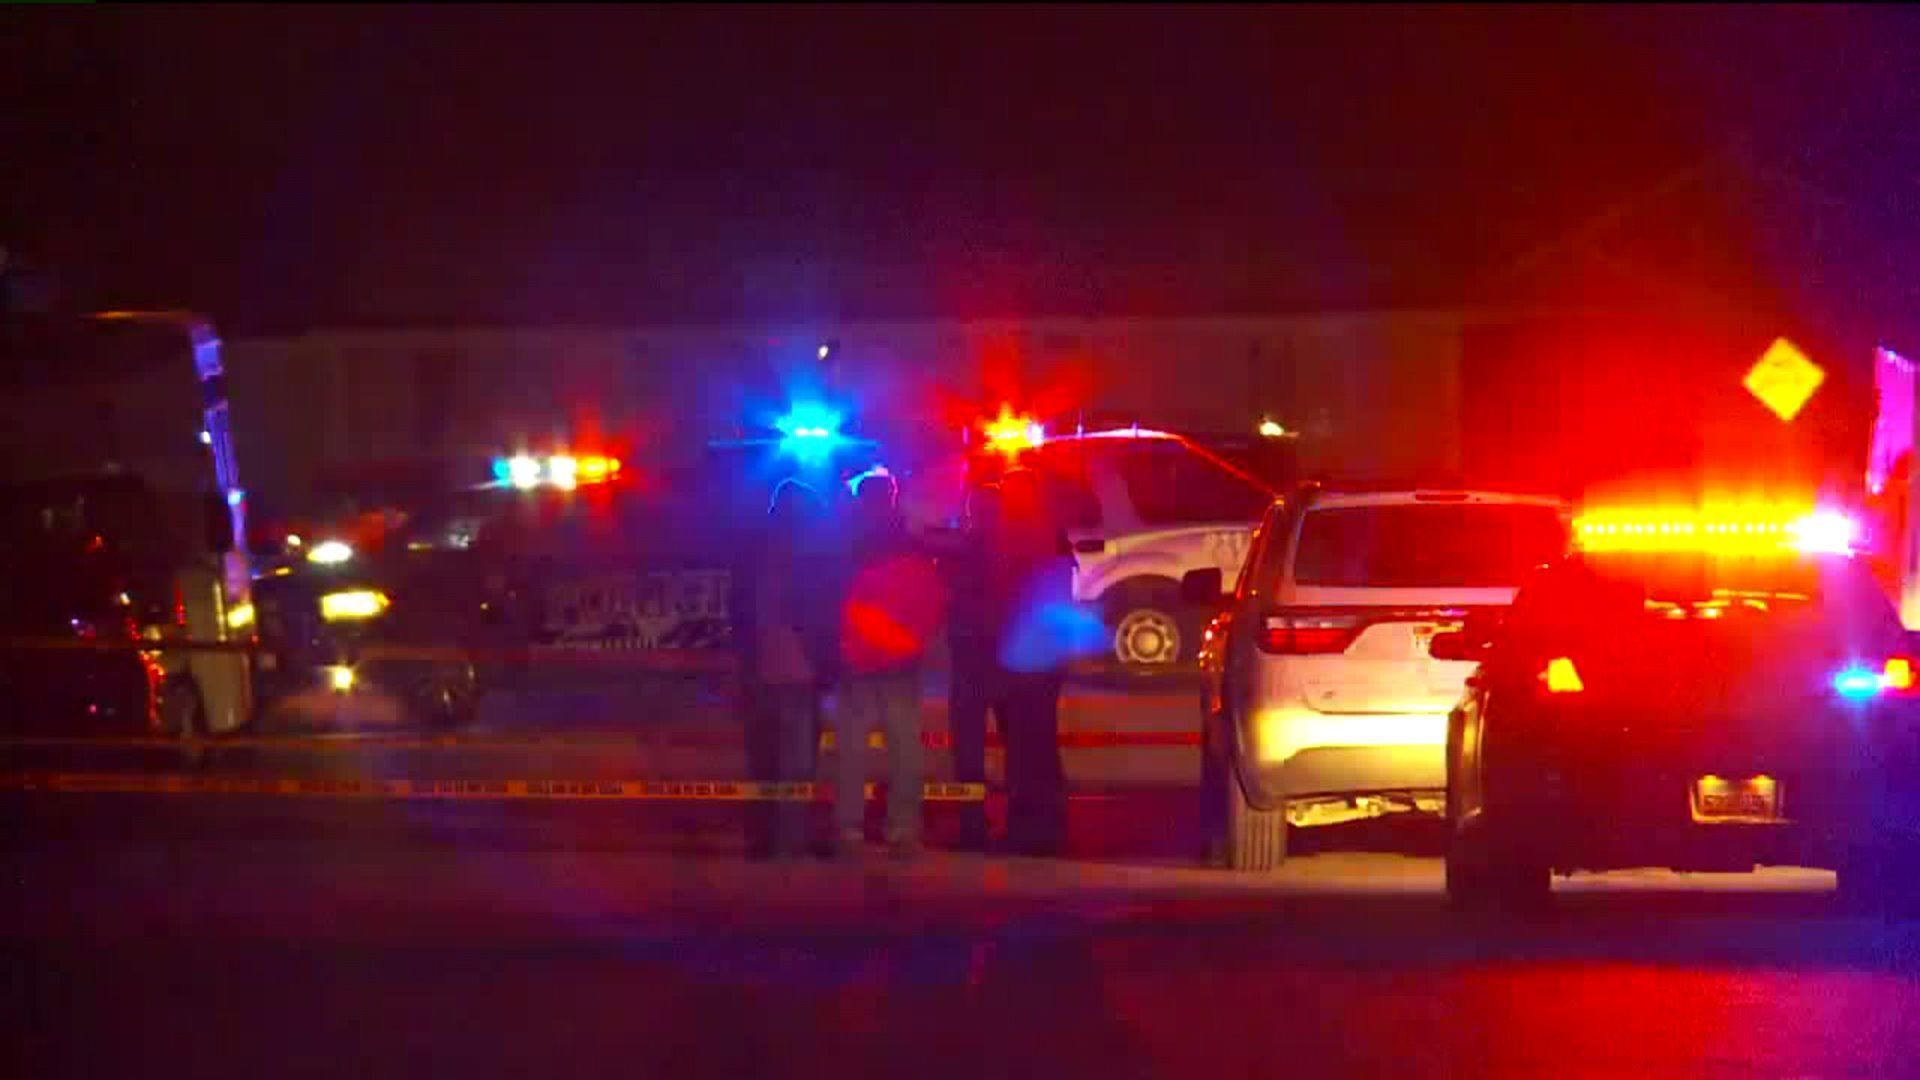 美國猶他州槍擊案致4死1傷 警方拘捕1名嫌疑人